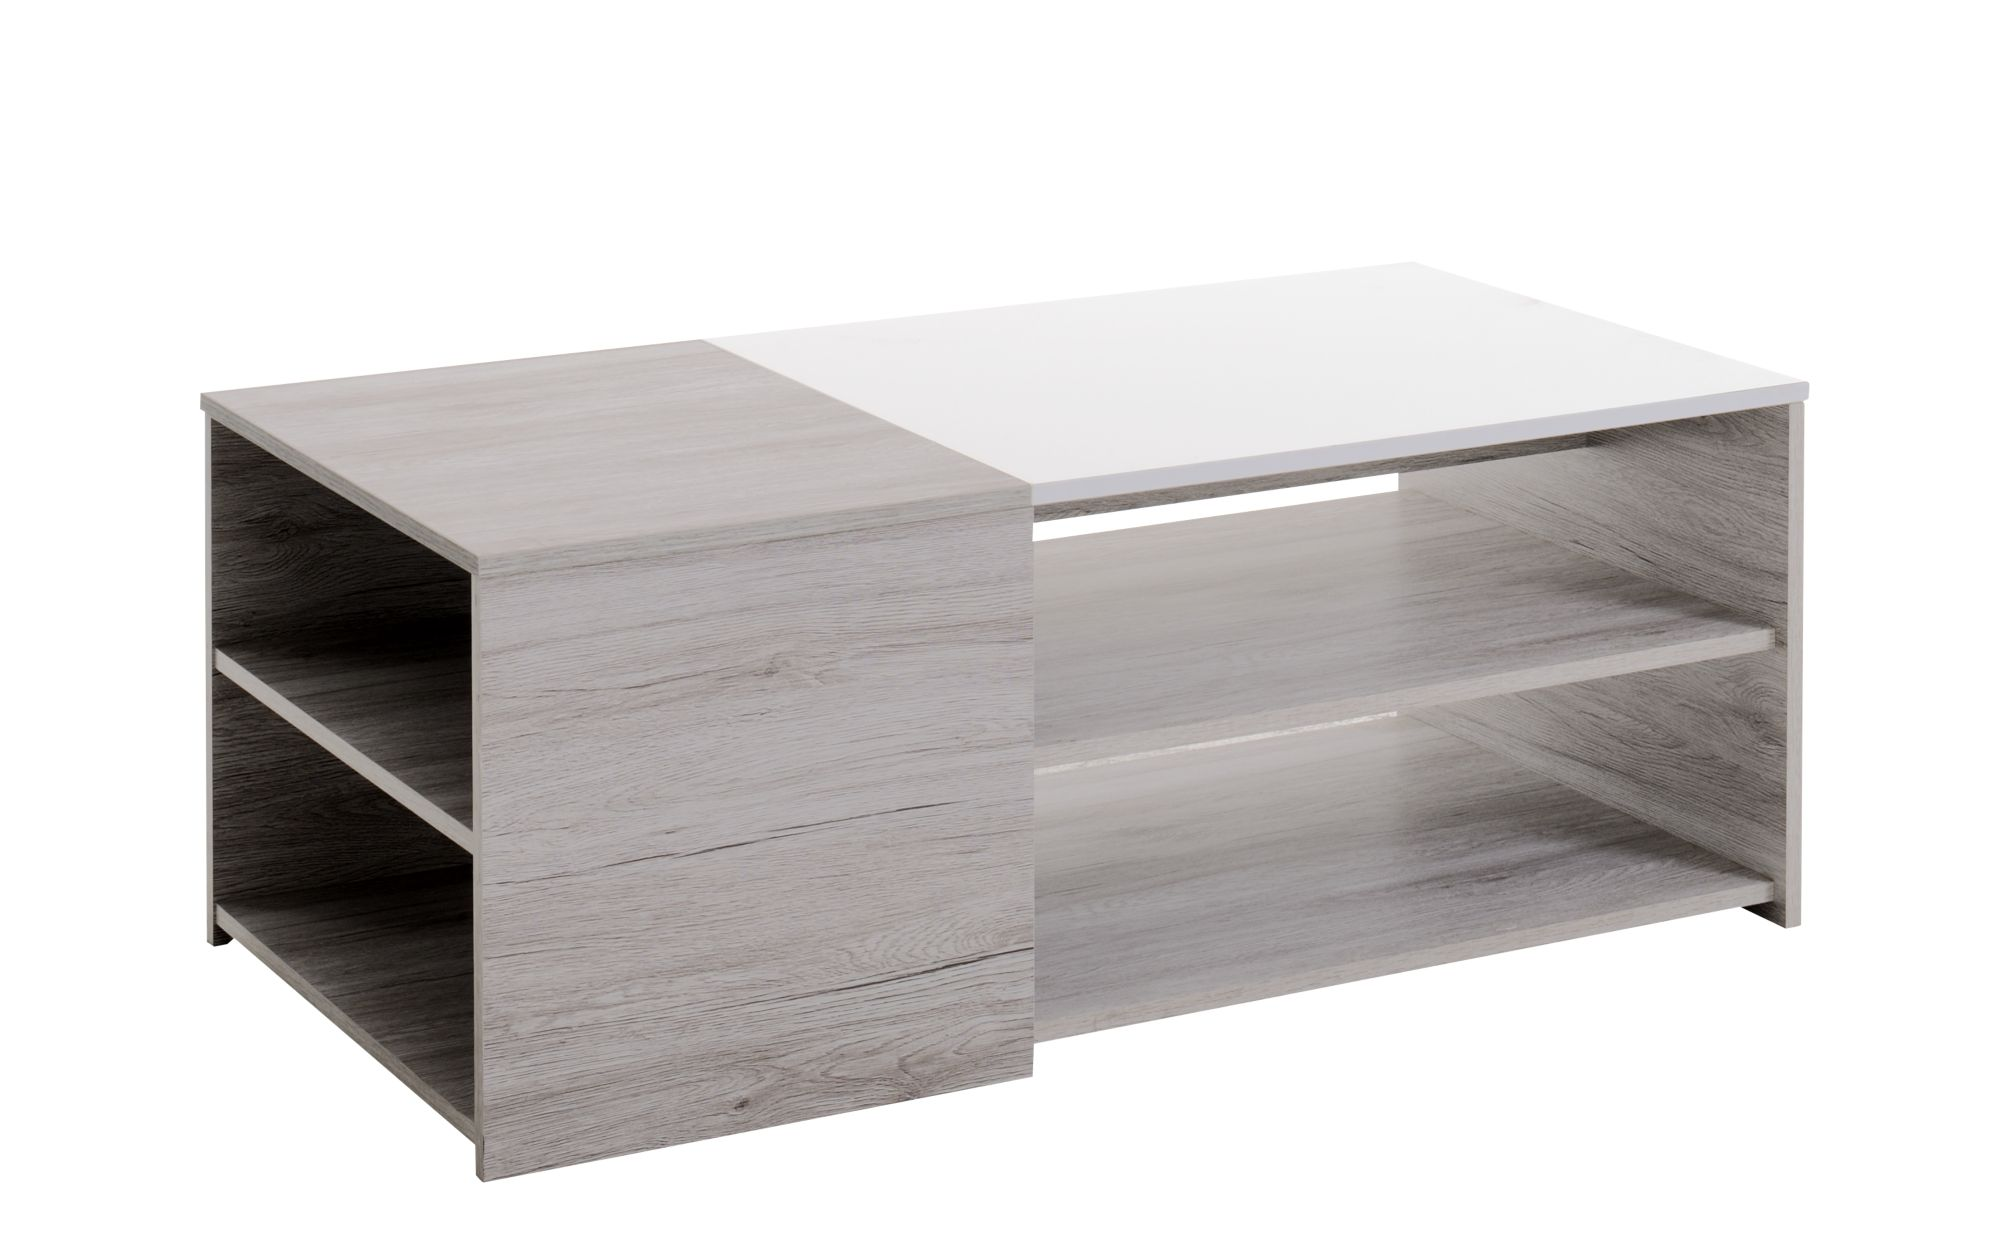 77737179_3?wid=2000&hei=1475&fmt=png-alpha Impressionnant De Table Basse Coffre Schème